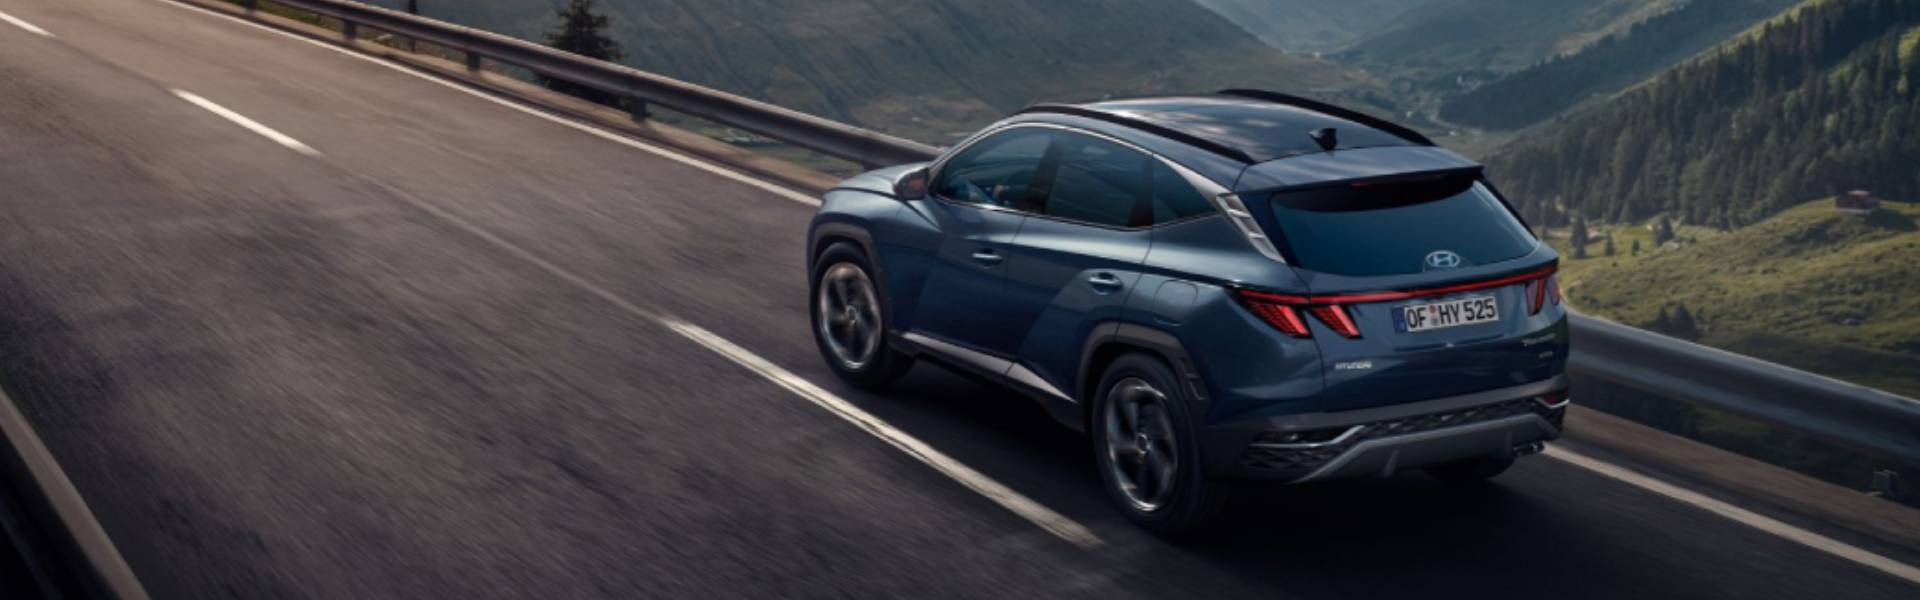 Hyundai Tucson New - обзор